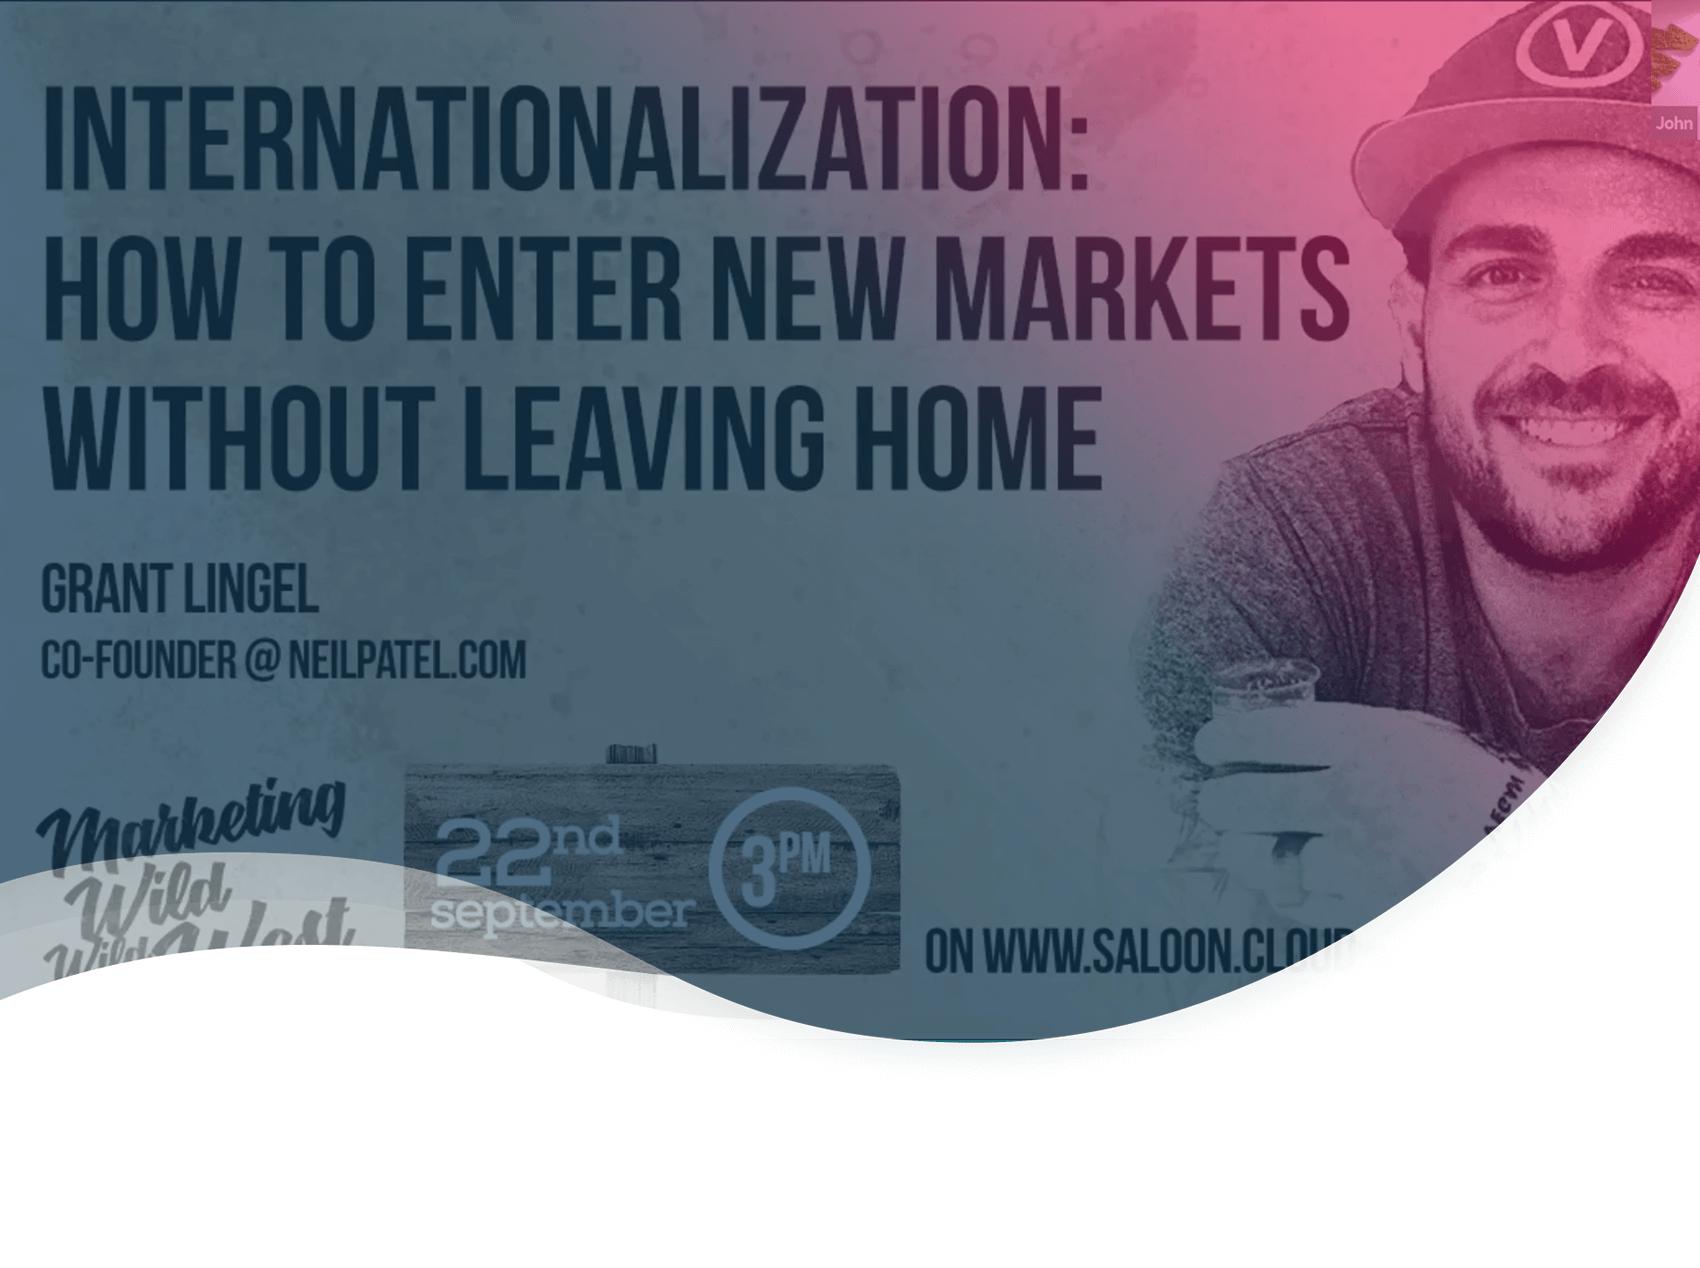 Maîtriser votre entrée dans un nouveau marché, par Grant Lingel, co-fondateur de Neil Patel.com